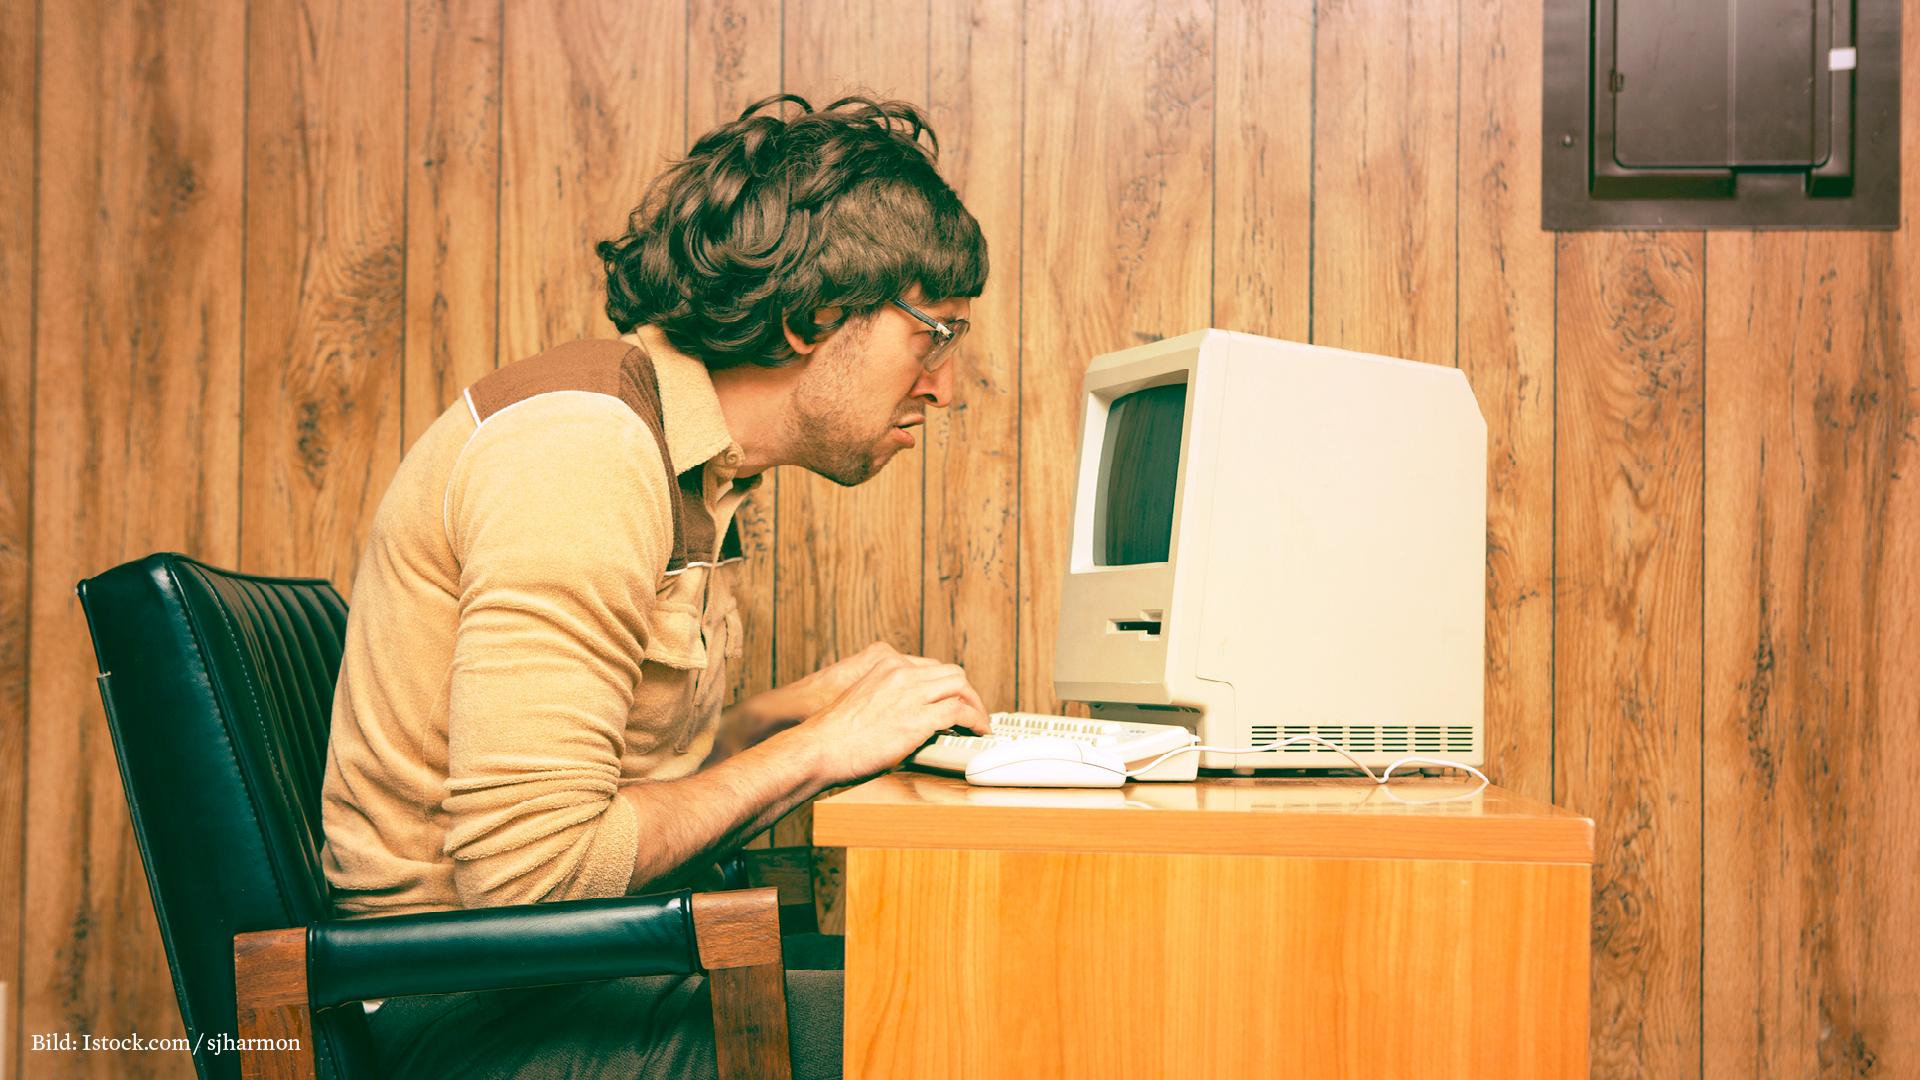 Zukunft der online-dating-industrie